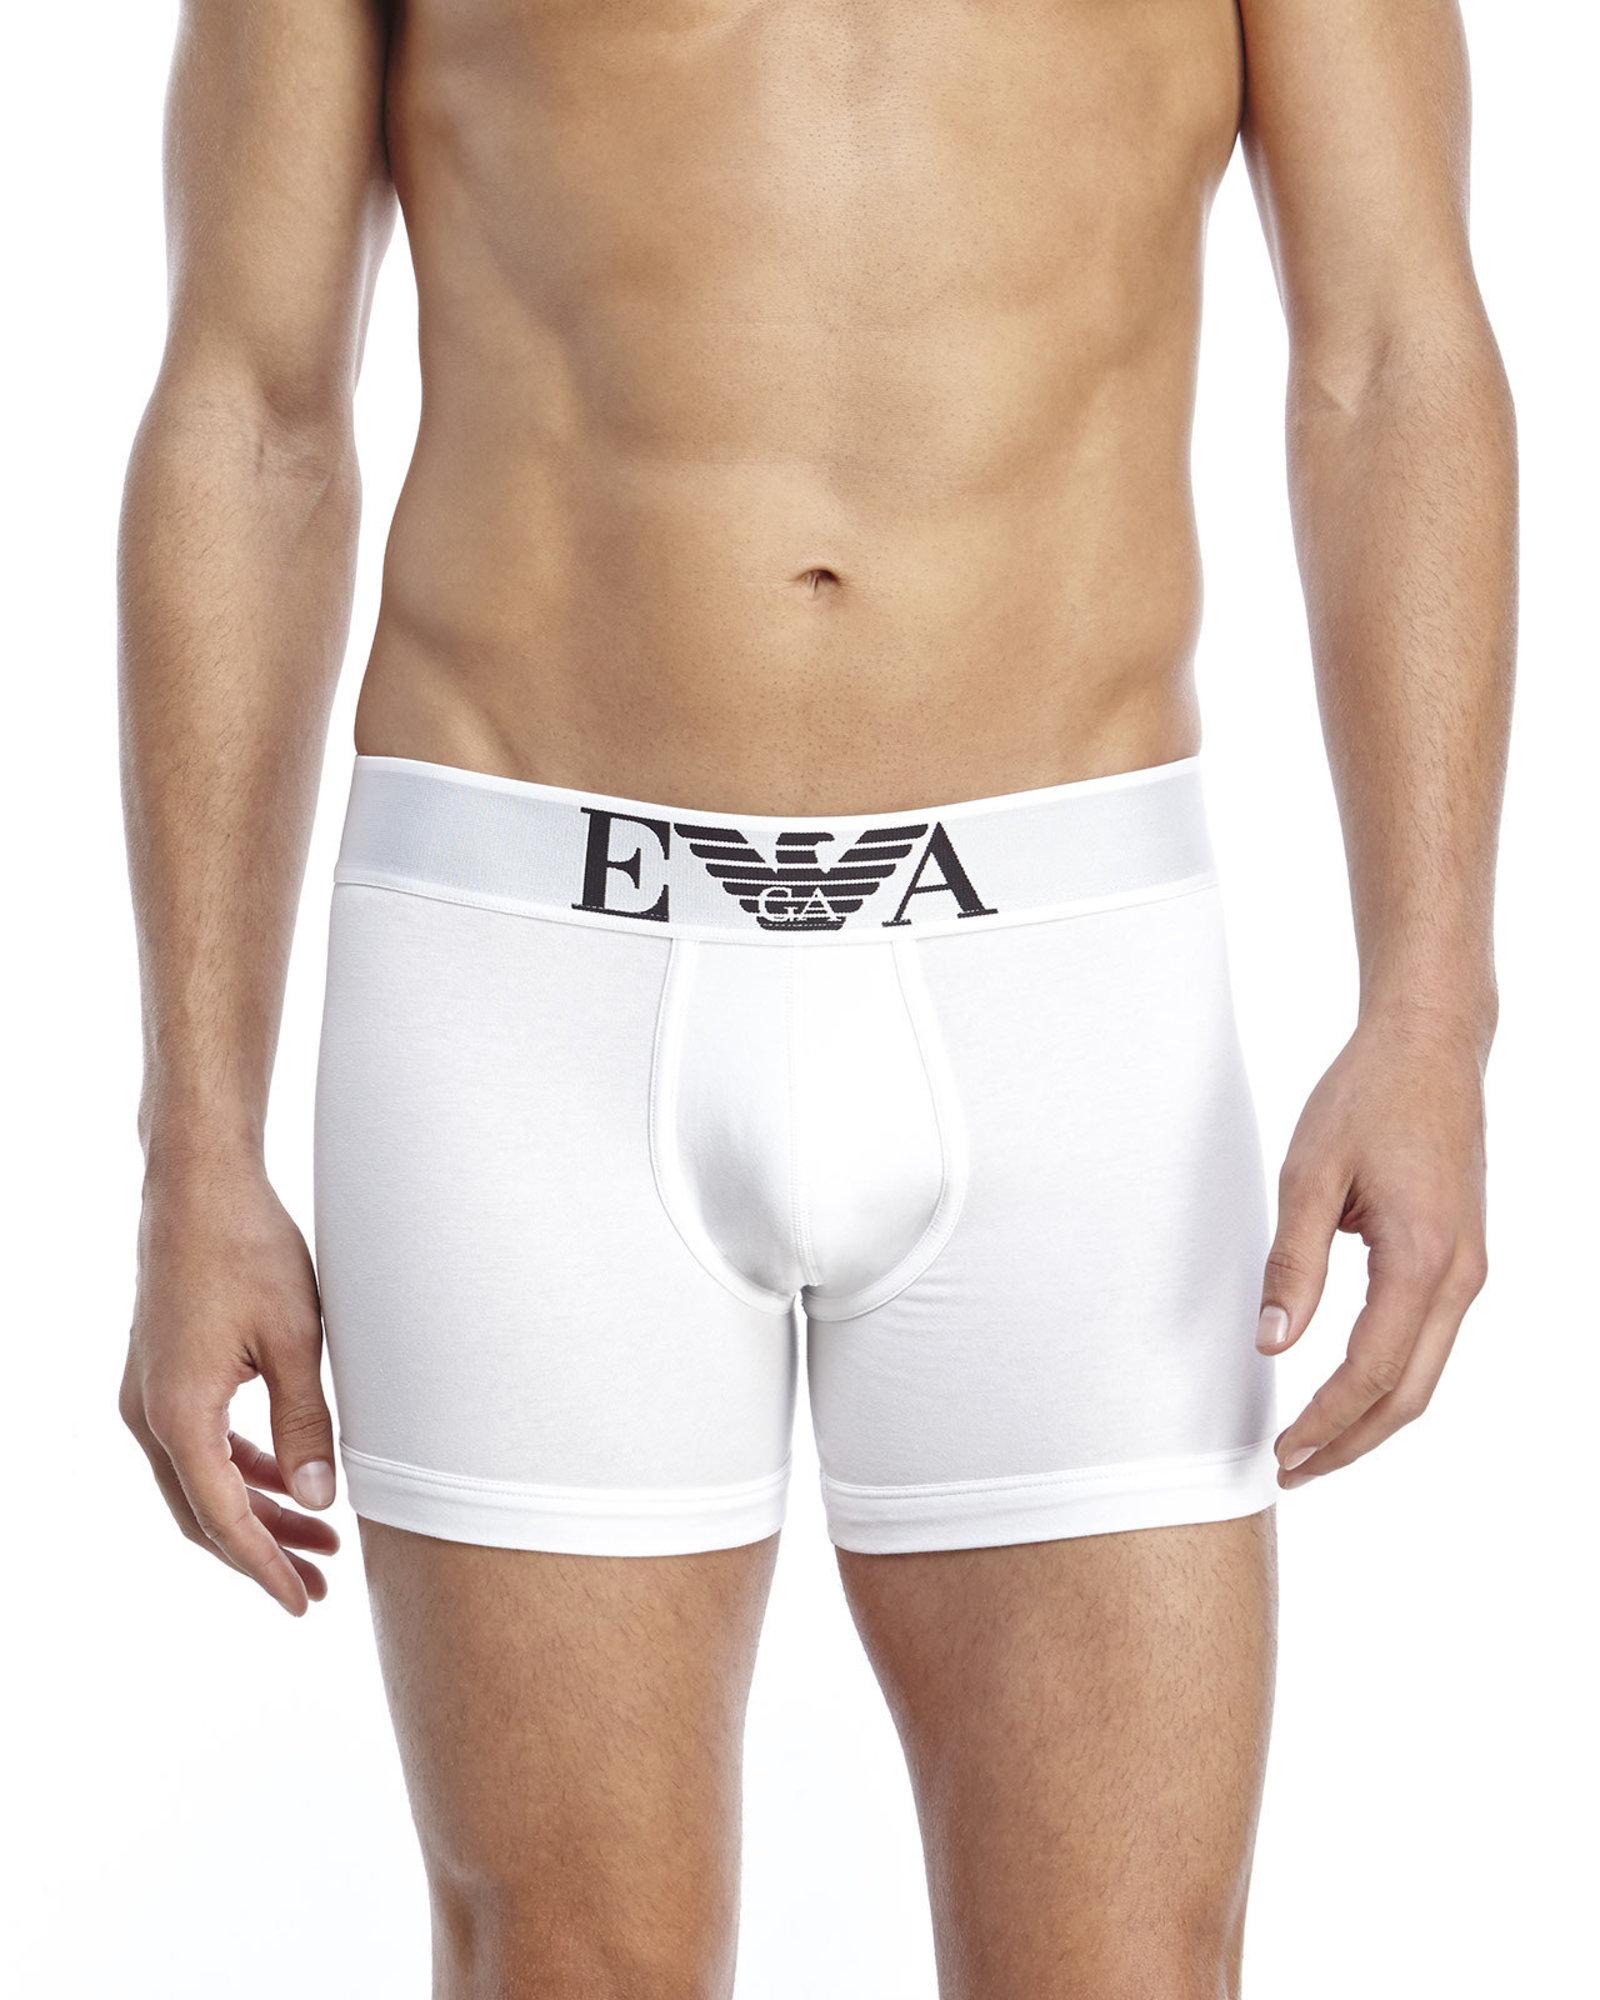 Lyst - Emporio Armani Stretch Cotton Boxer Briefs in White for Men 9490f88cf3d